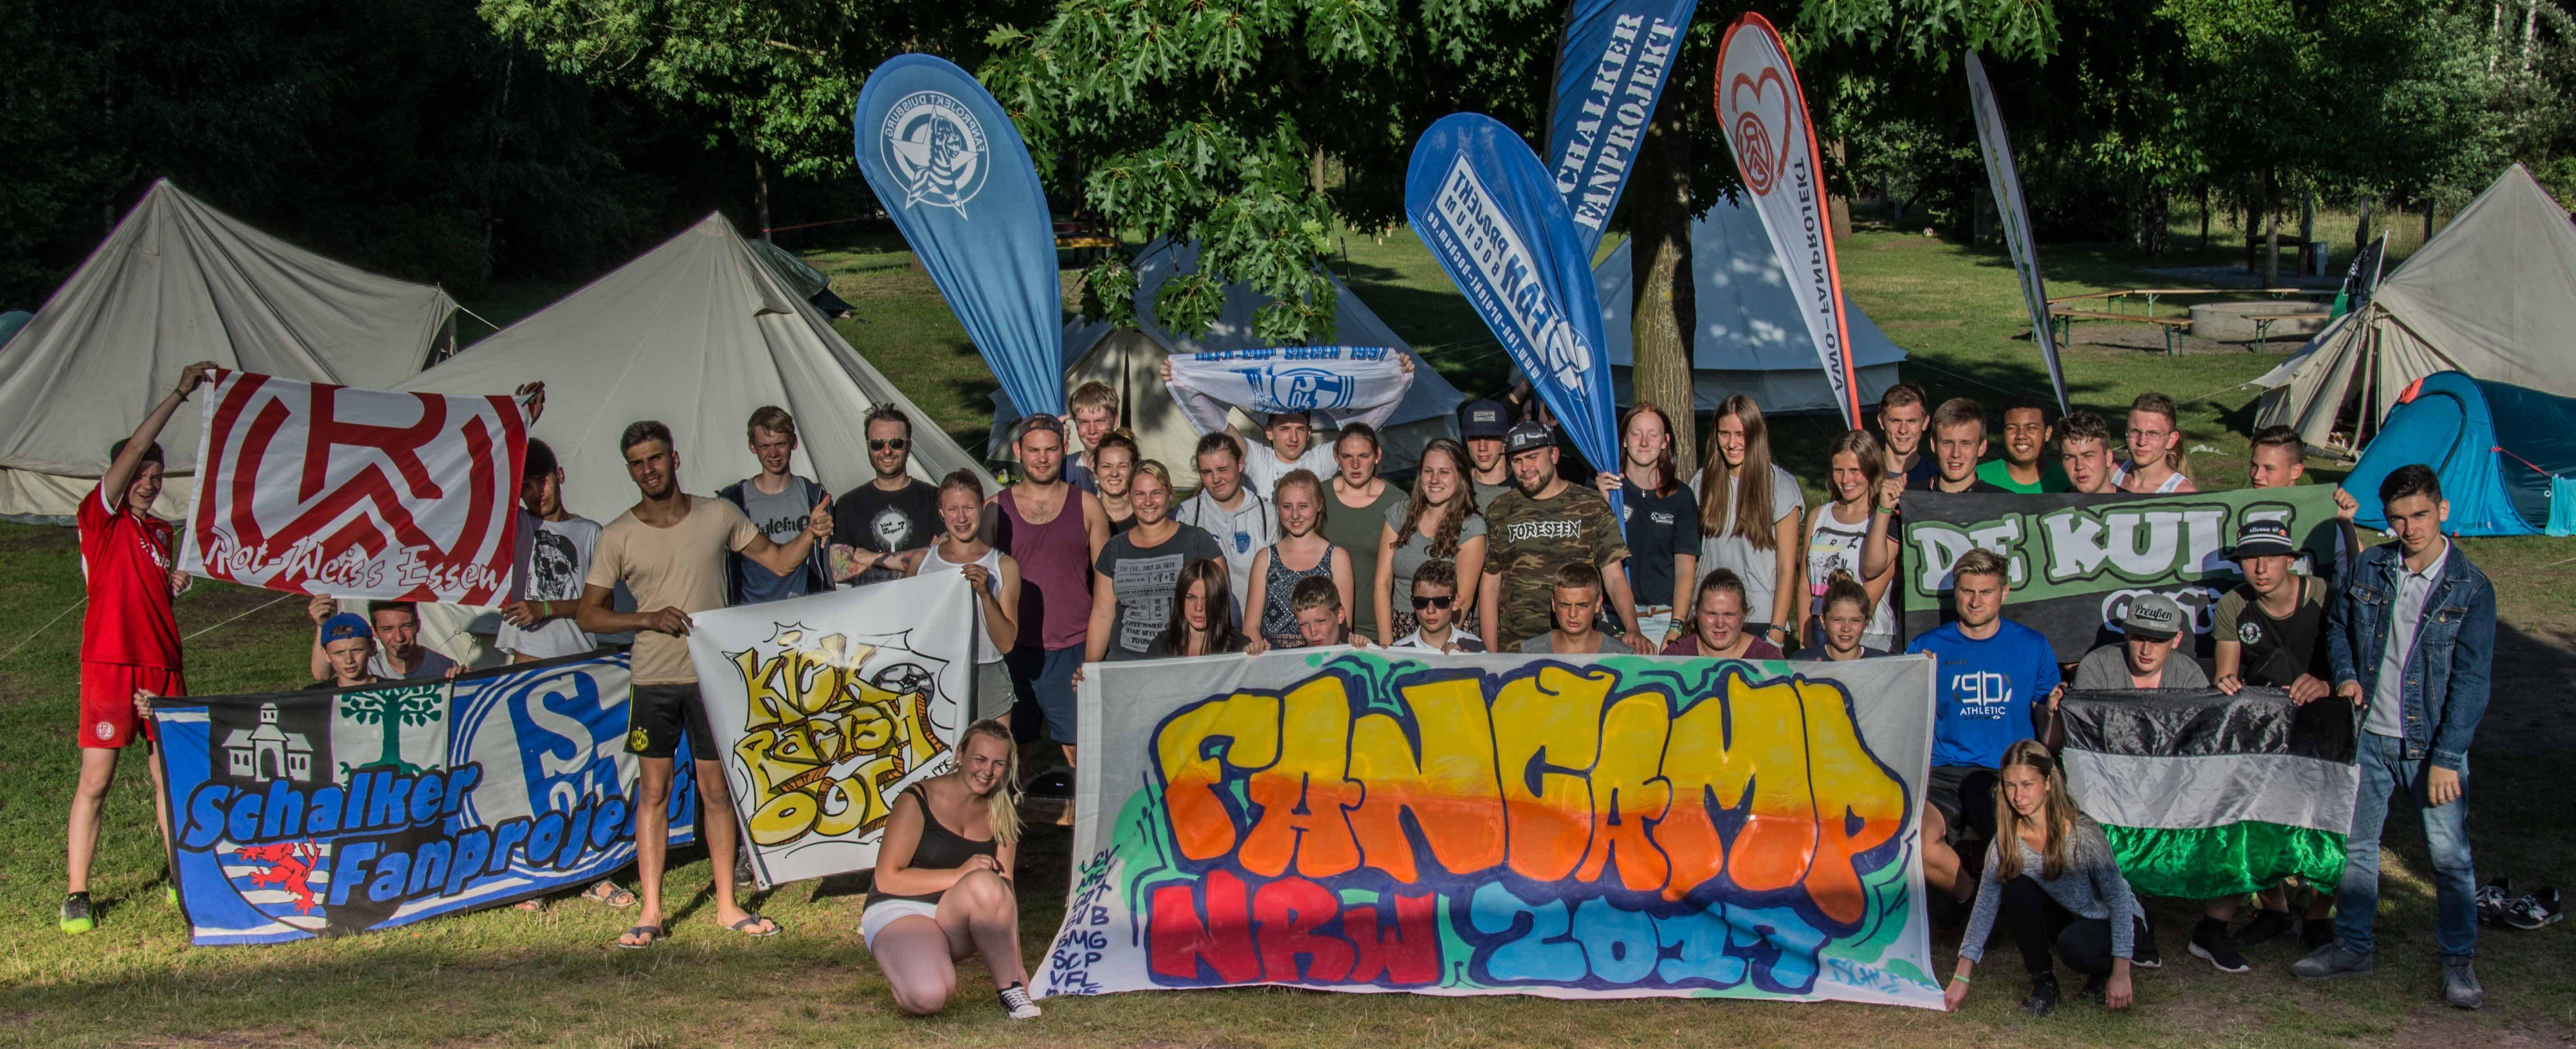 Vom 24. bis 28. Juli bietet das AWO-Fanprojekt wieder das Sommercamp für Jugendliche an.